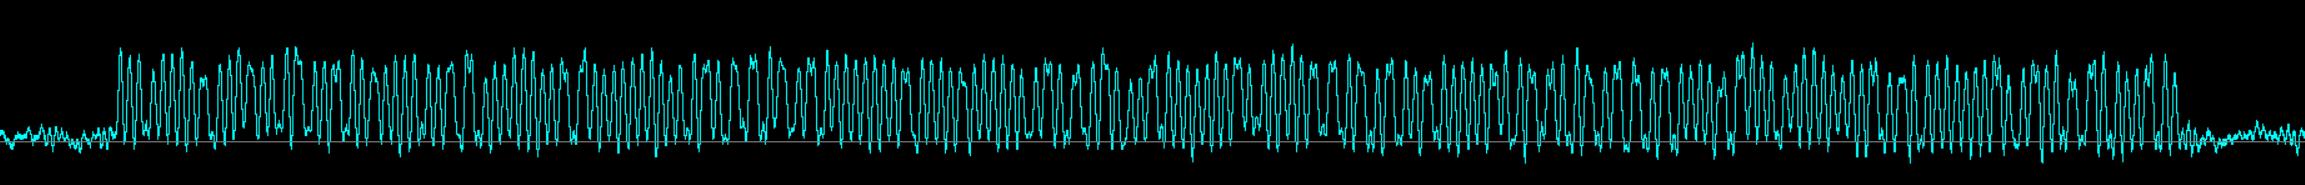 Принимаем и анализируем радиосигнал платежного терминала с помощью SDR - 6